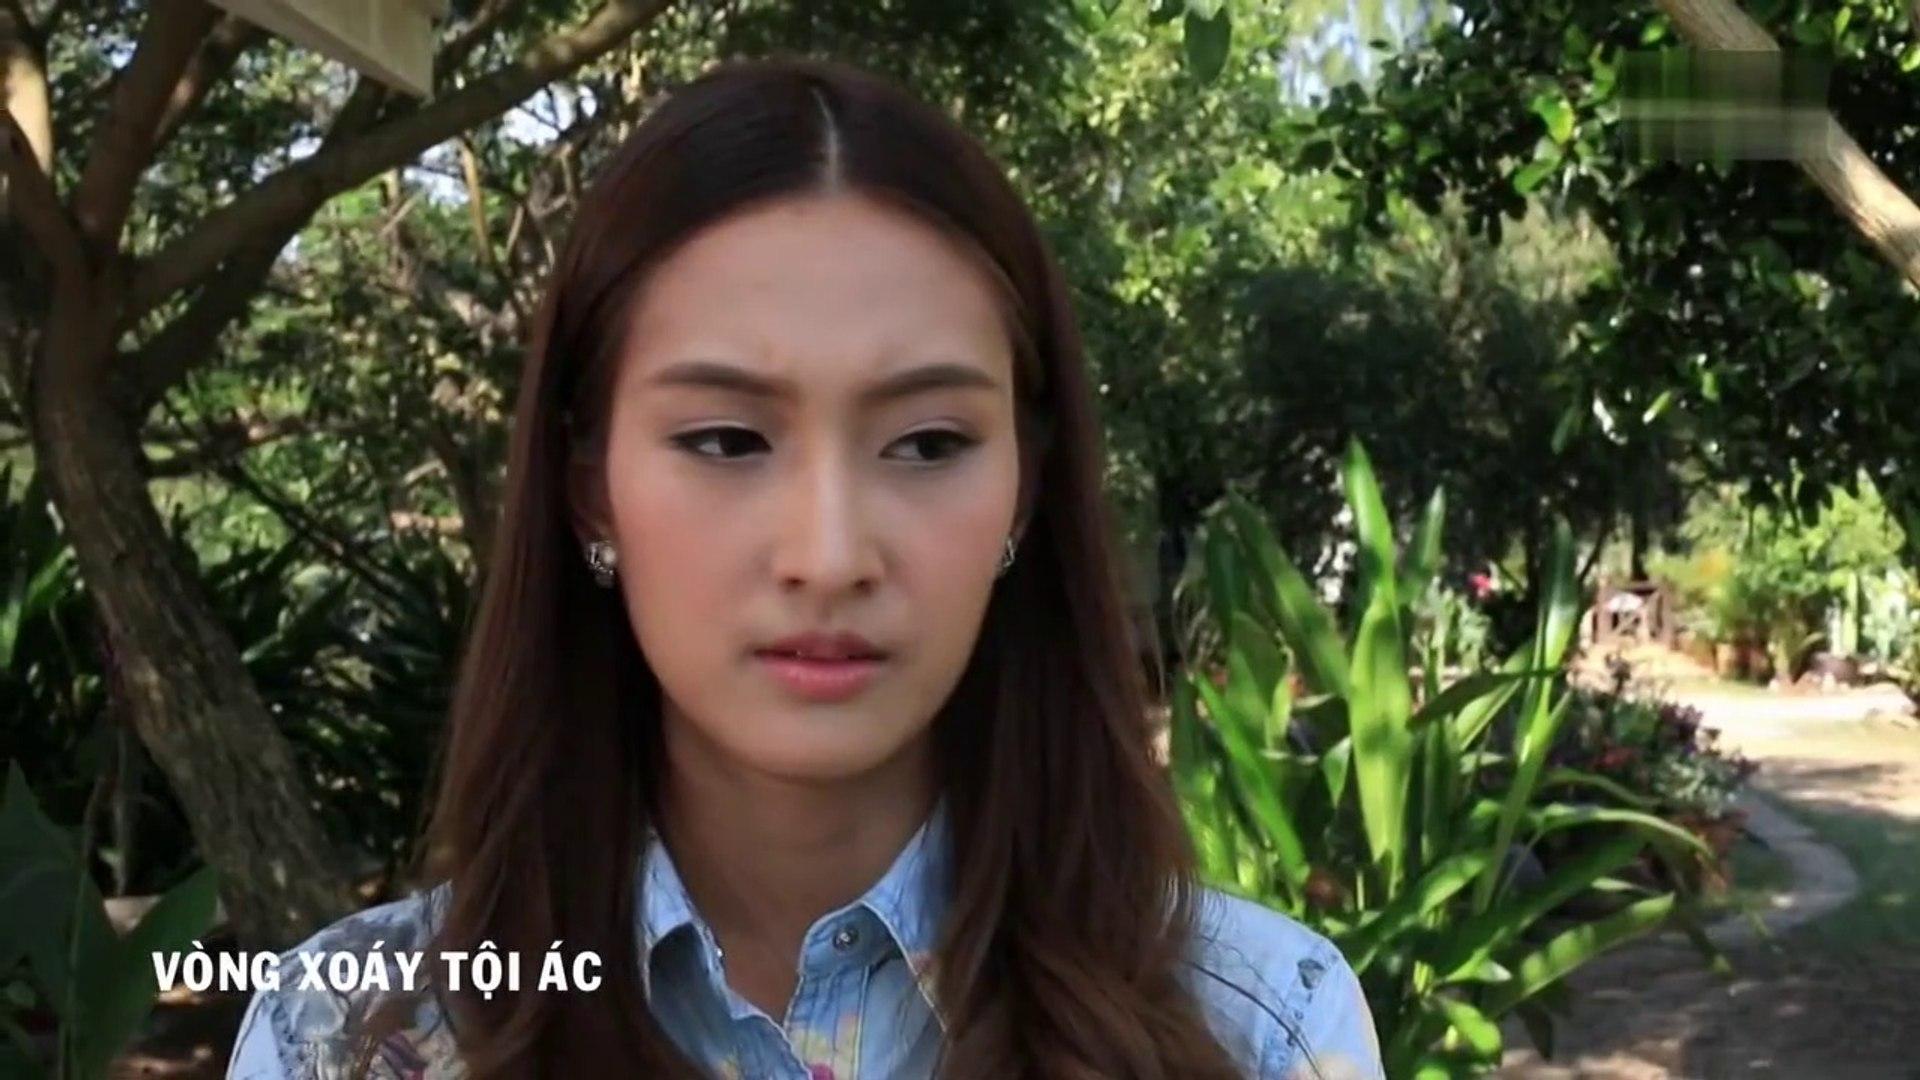 Vòng Xoáy Tội Ác Tập 12 - Phim Thái Lan Lồng Tiếng